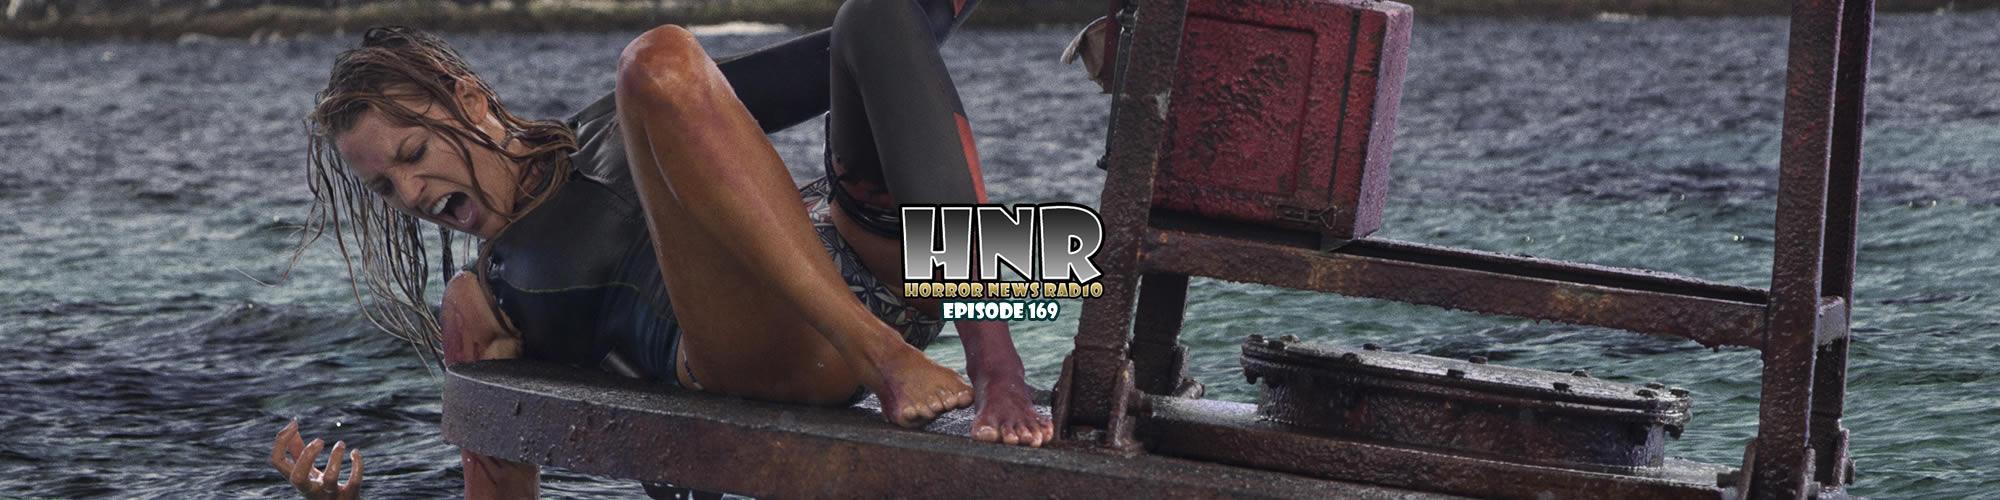 HNRSiteBanner169